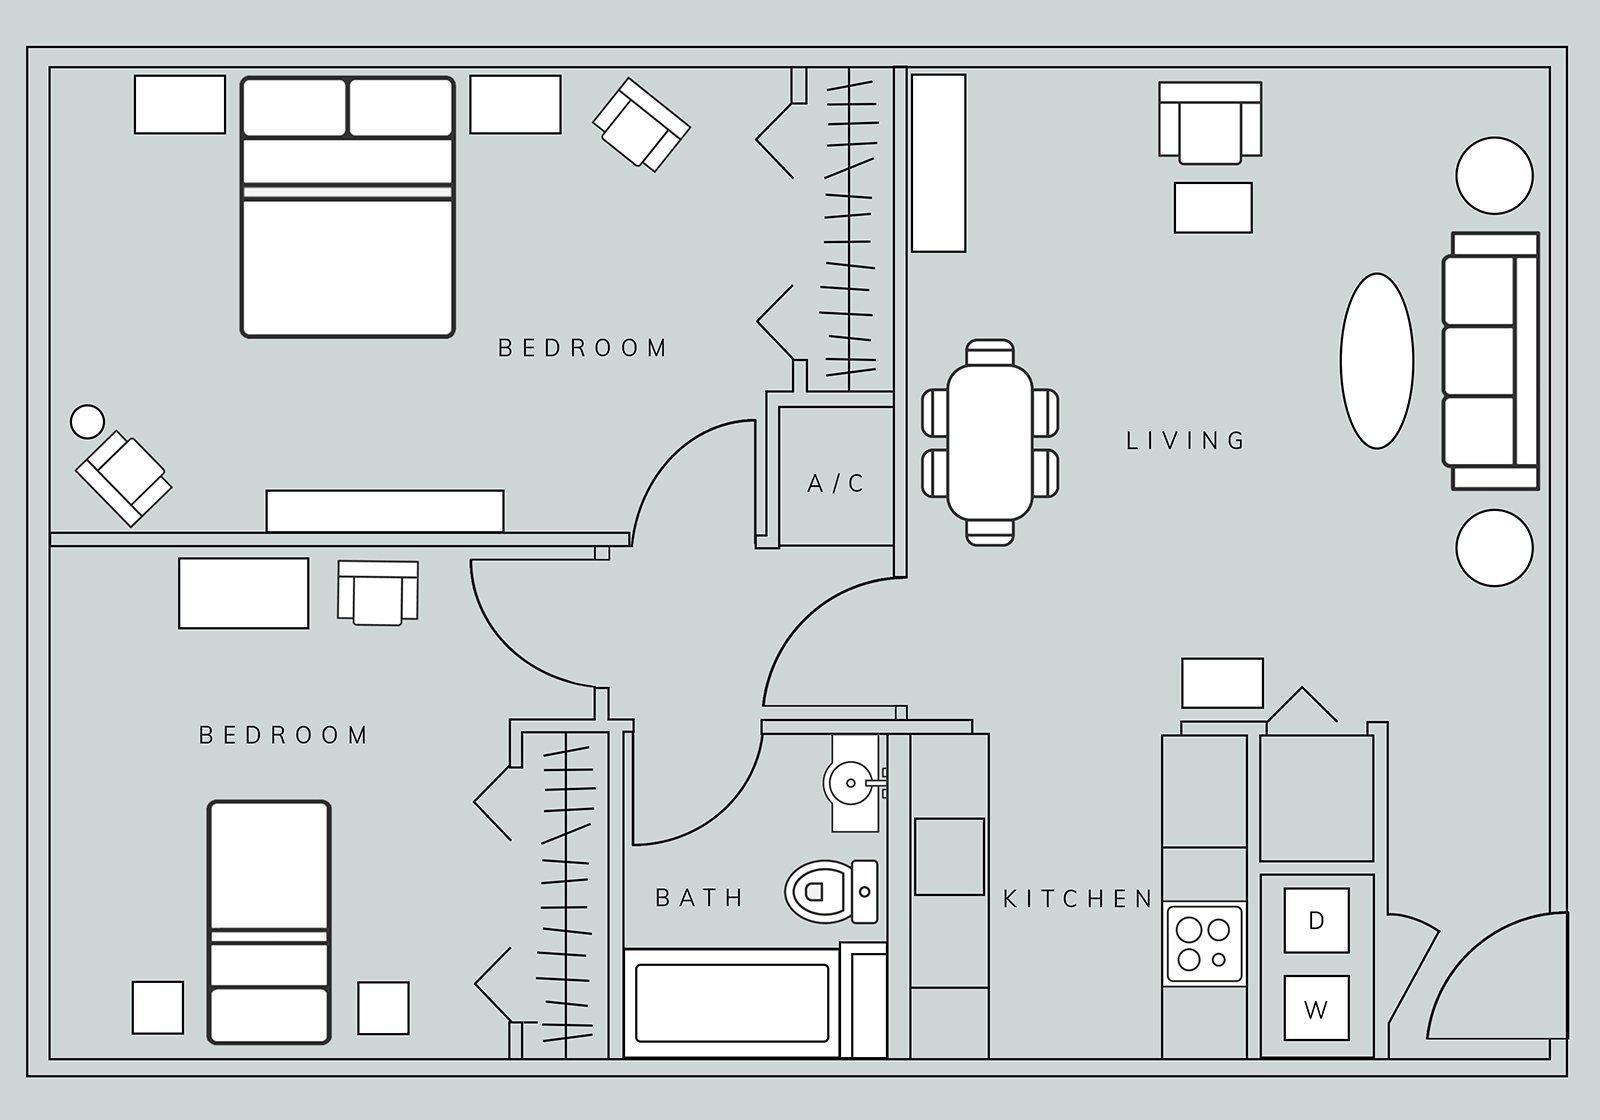 Floor Plans - Brasstown Manor Senior Living